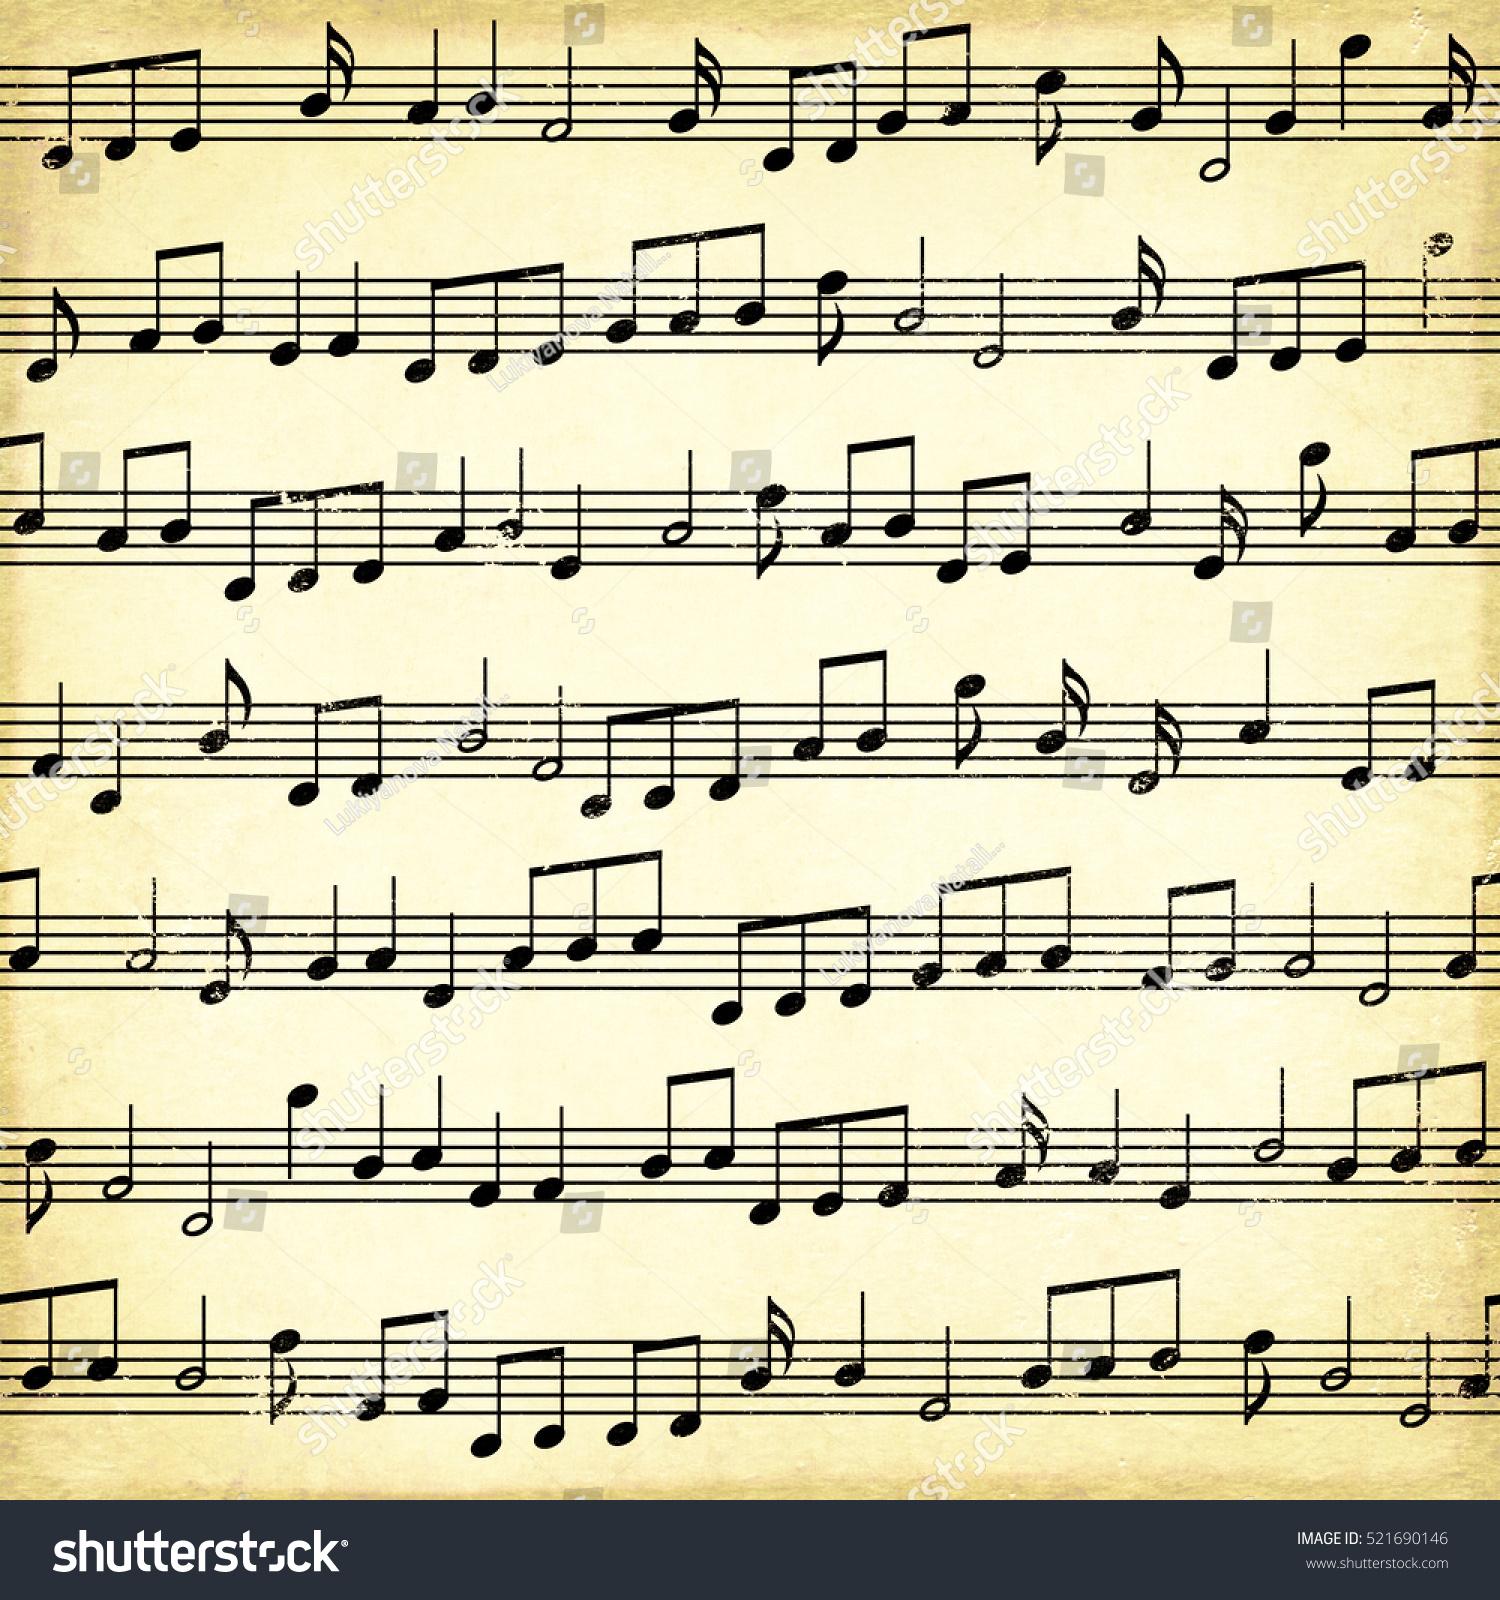 Isolated Symbols Music Notation Ez Canvas